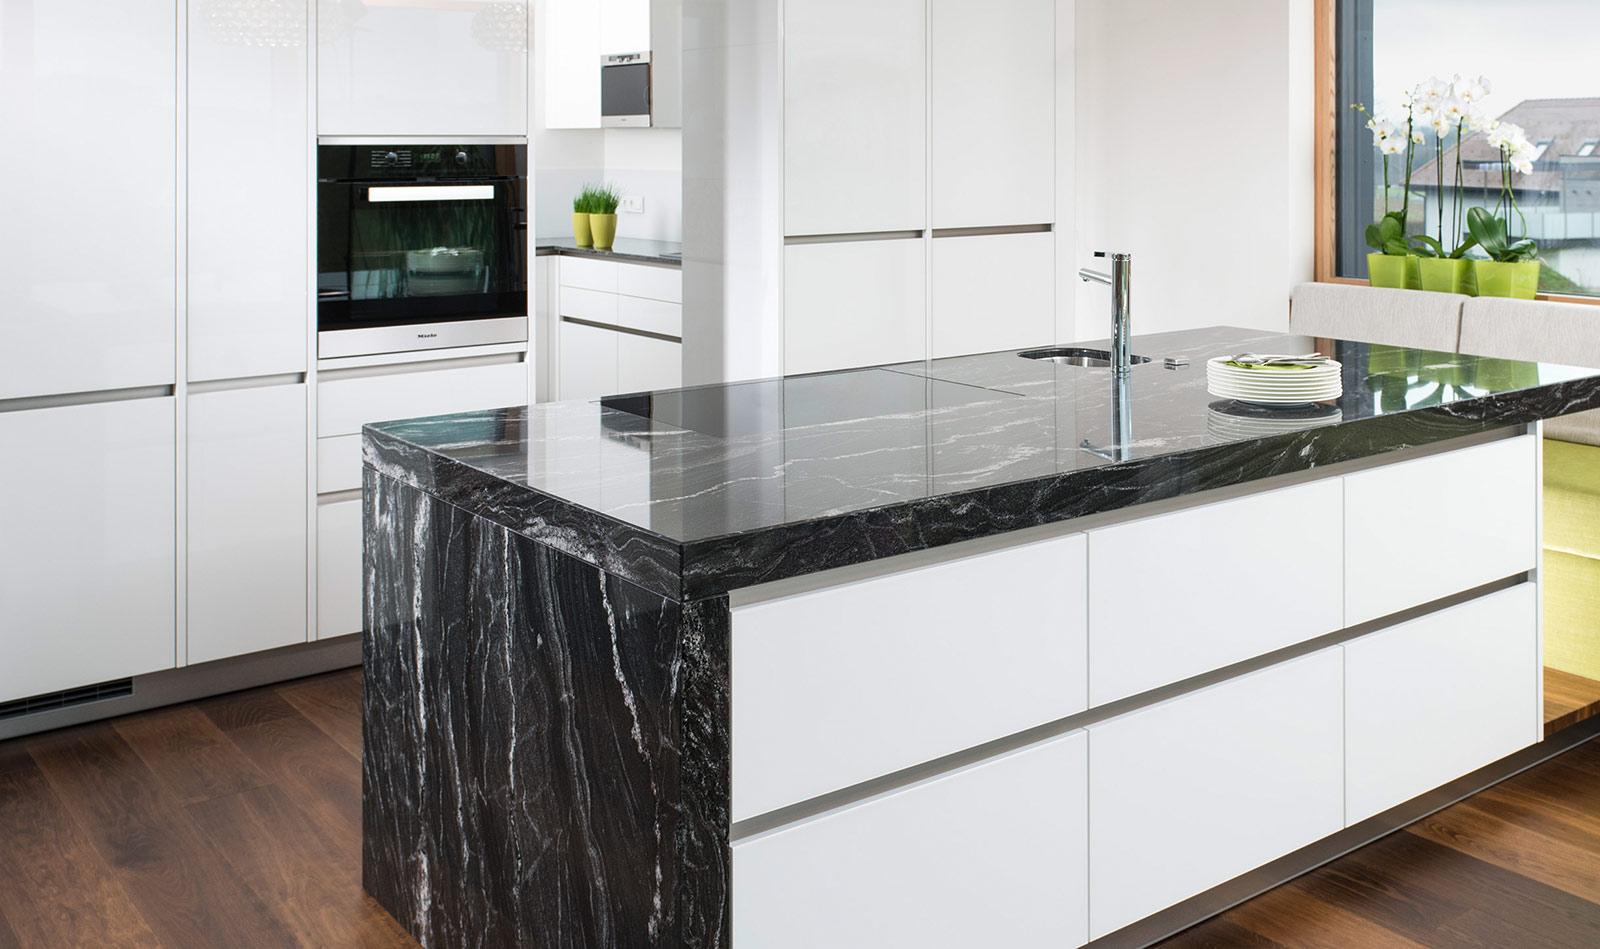 Küche mit weißen Möbelfronten und einer Kücheninsel in schwarz-weißem Naturstein.